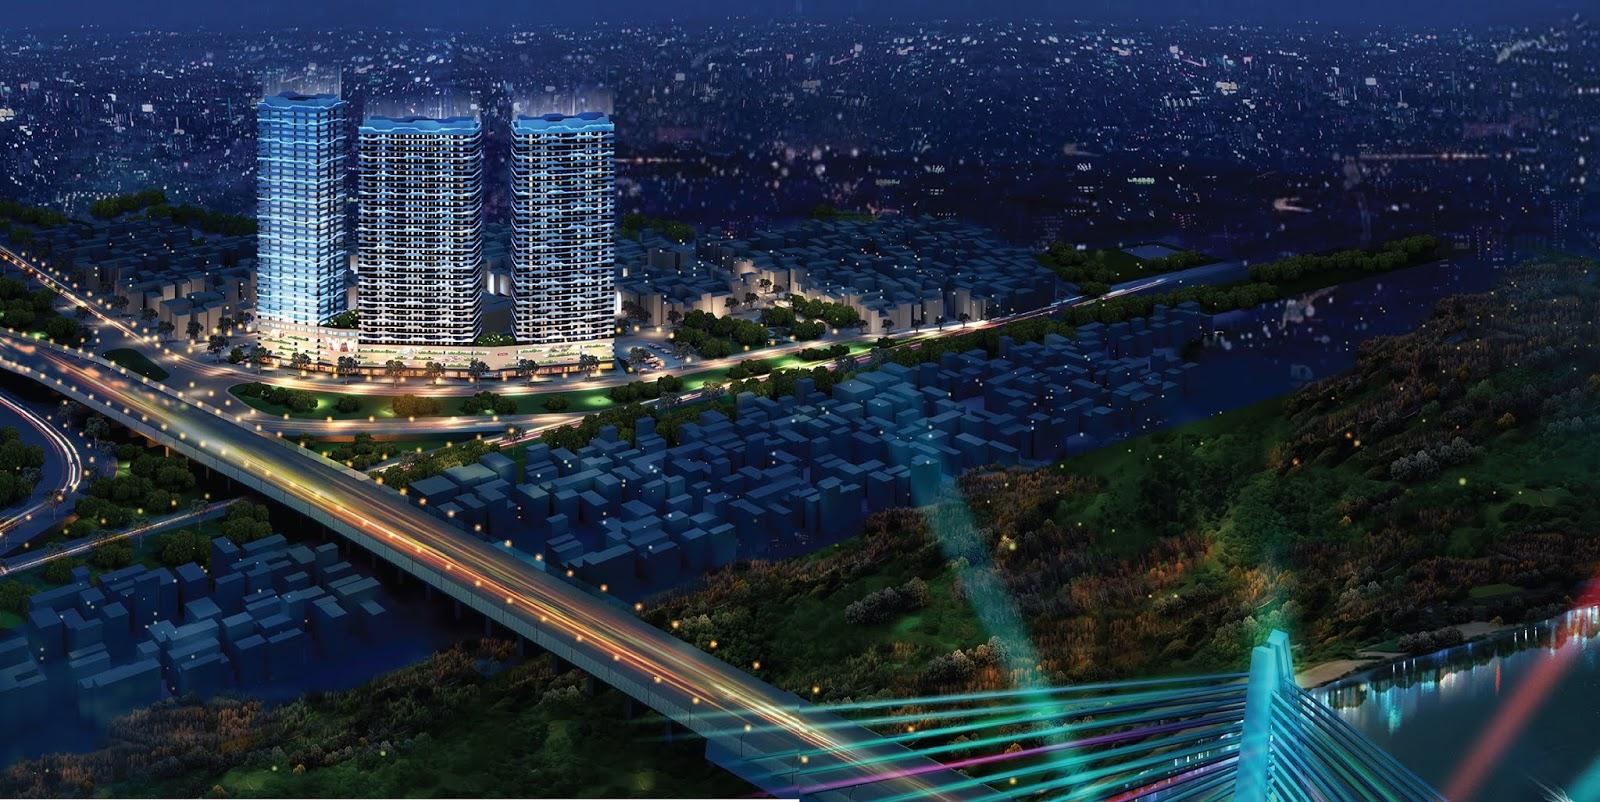 Dự án Intracom Riverside gồm 3 tòa tháp A - B - C View sông Hồng cực đẹp